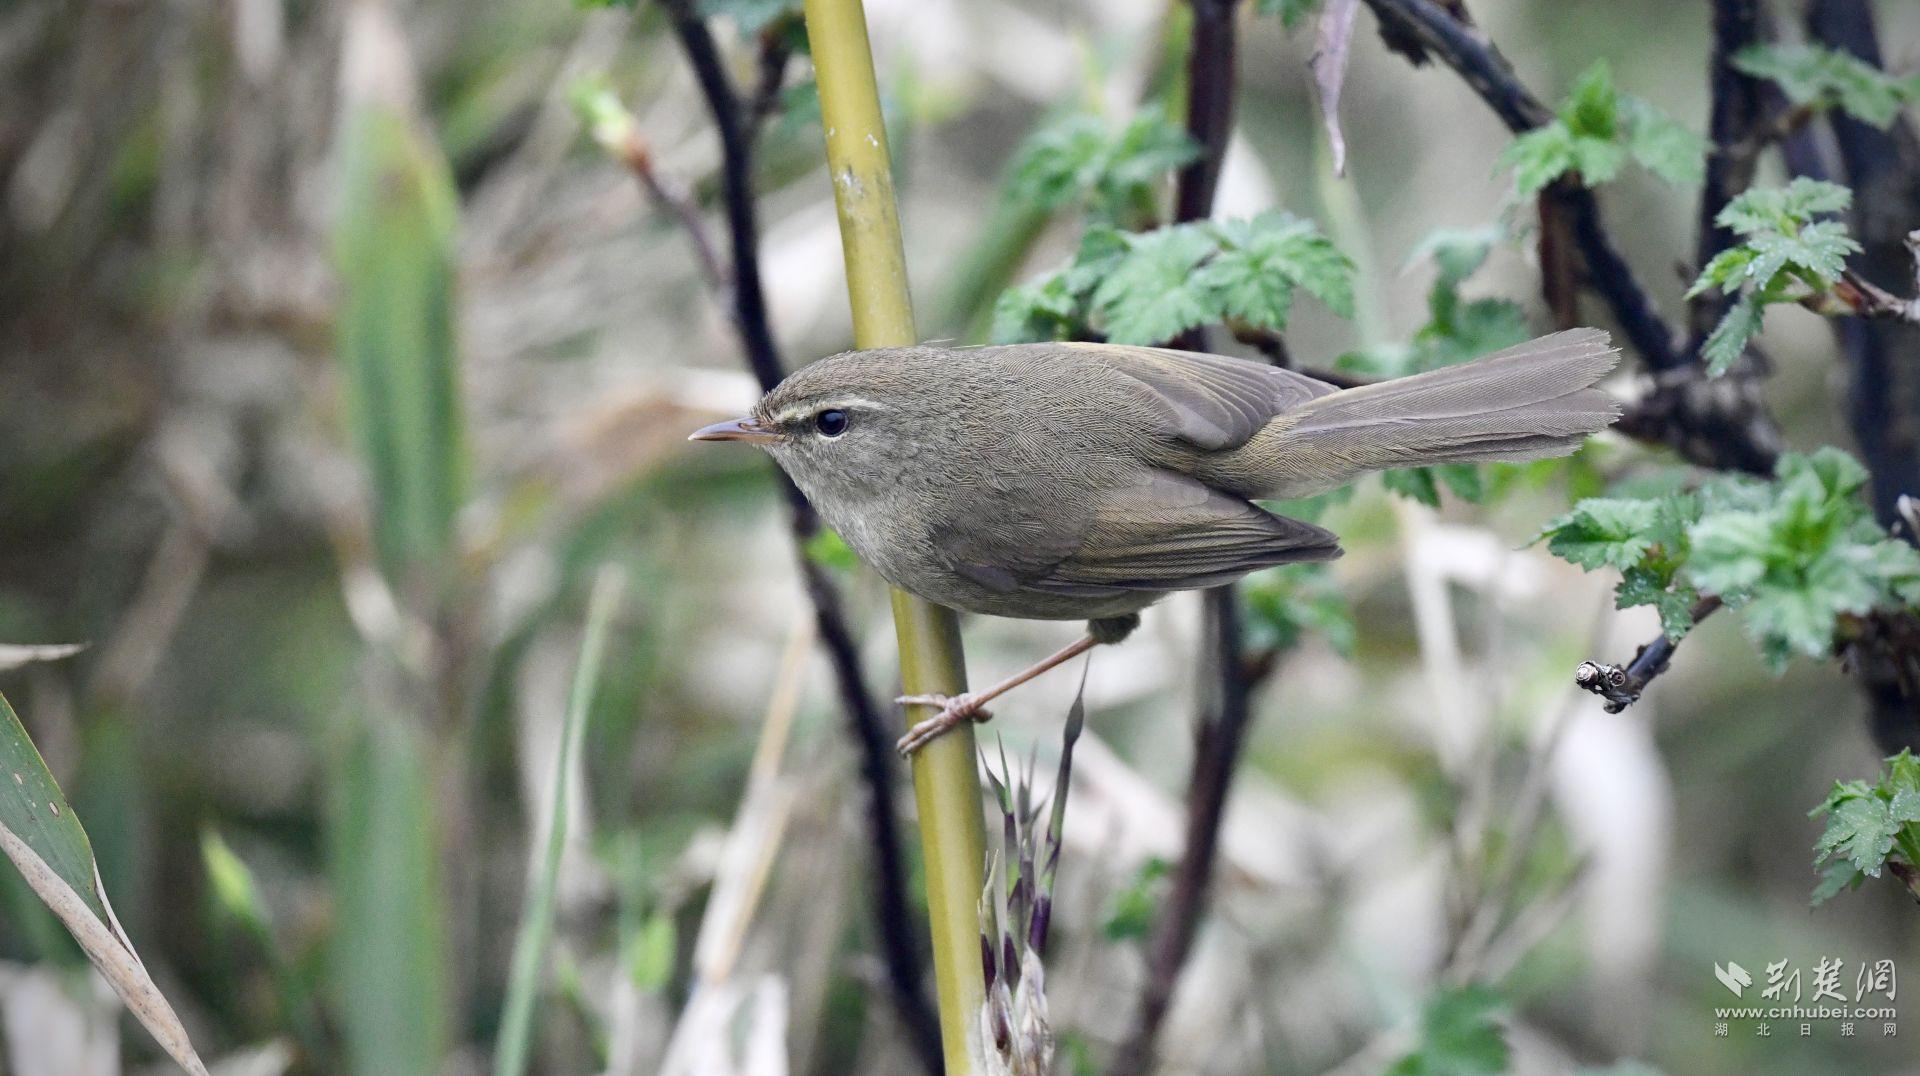 神农架发现黑喉歌鸲和异色树莺 为湖北省鸟类新记录种